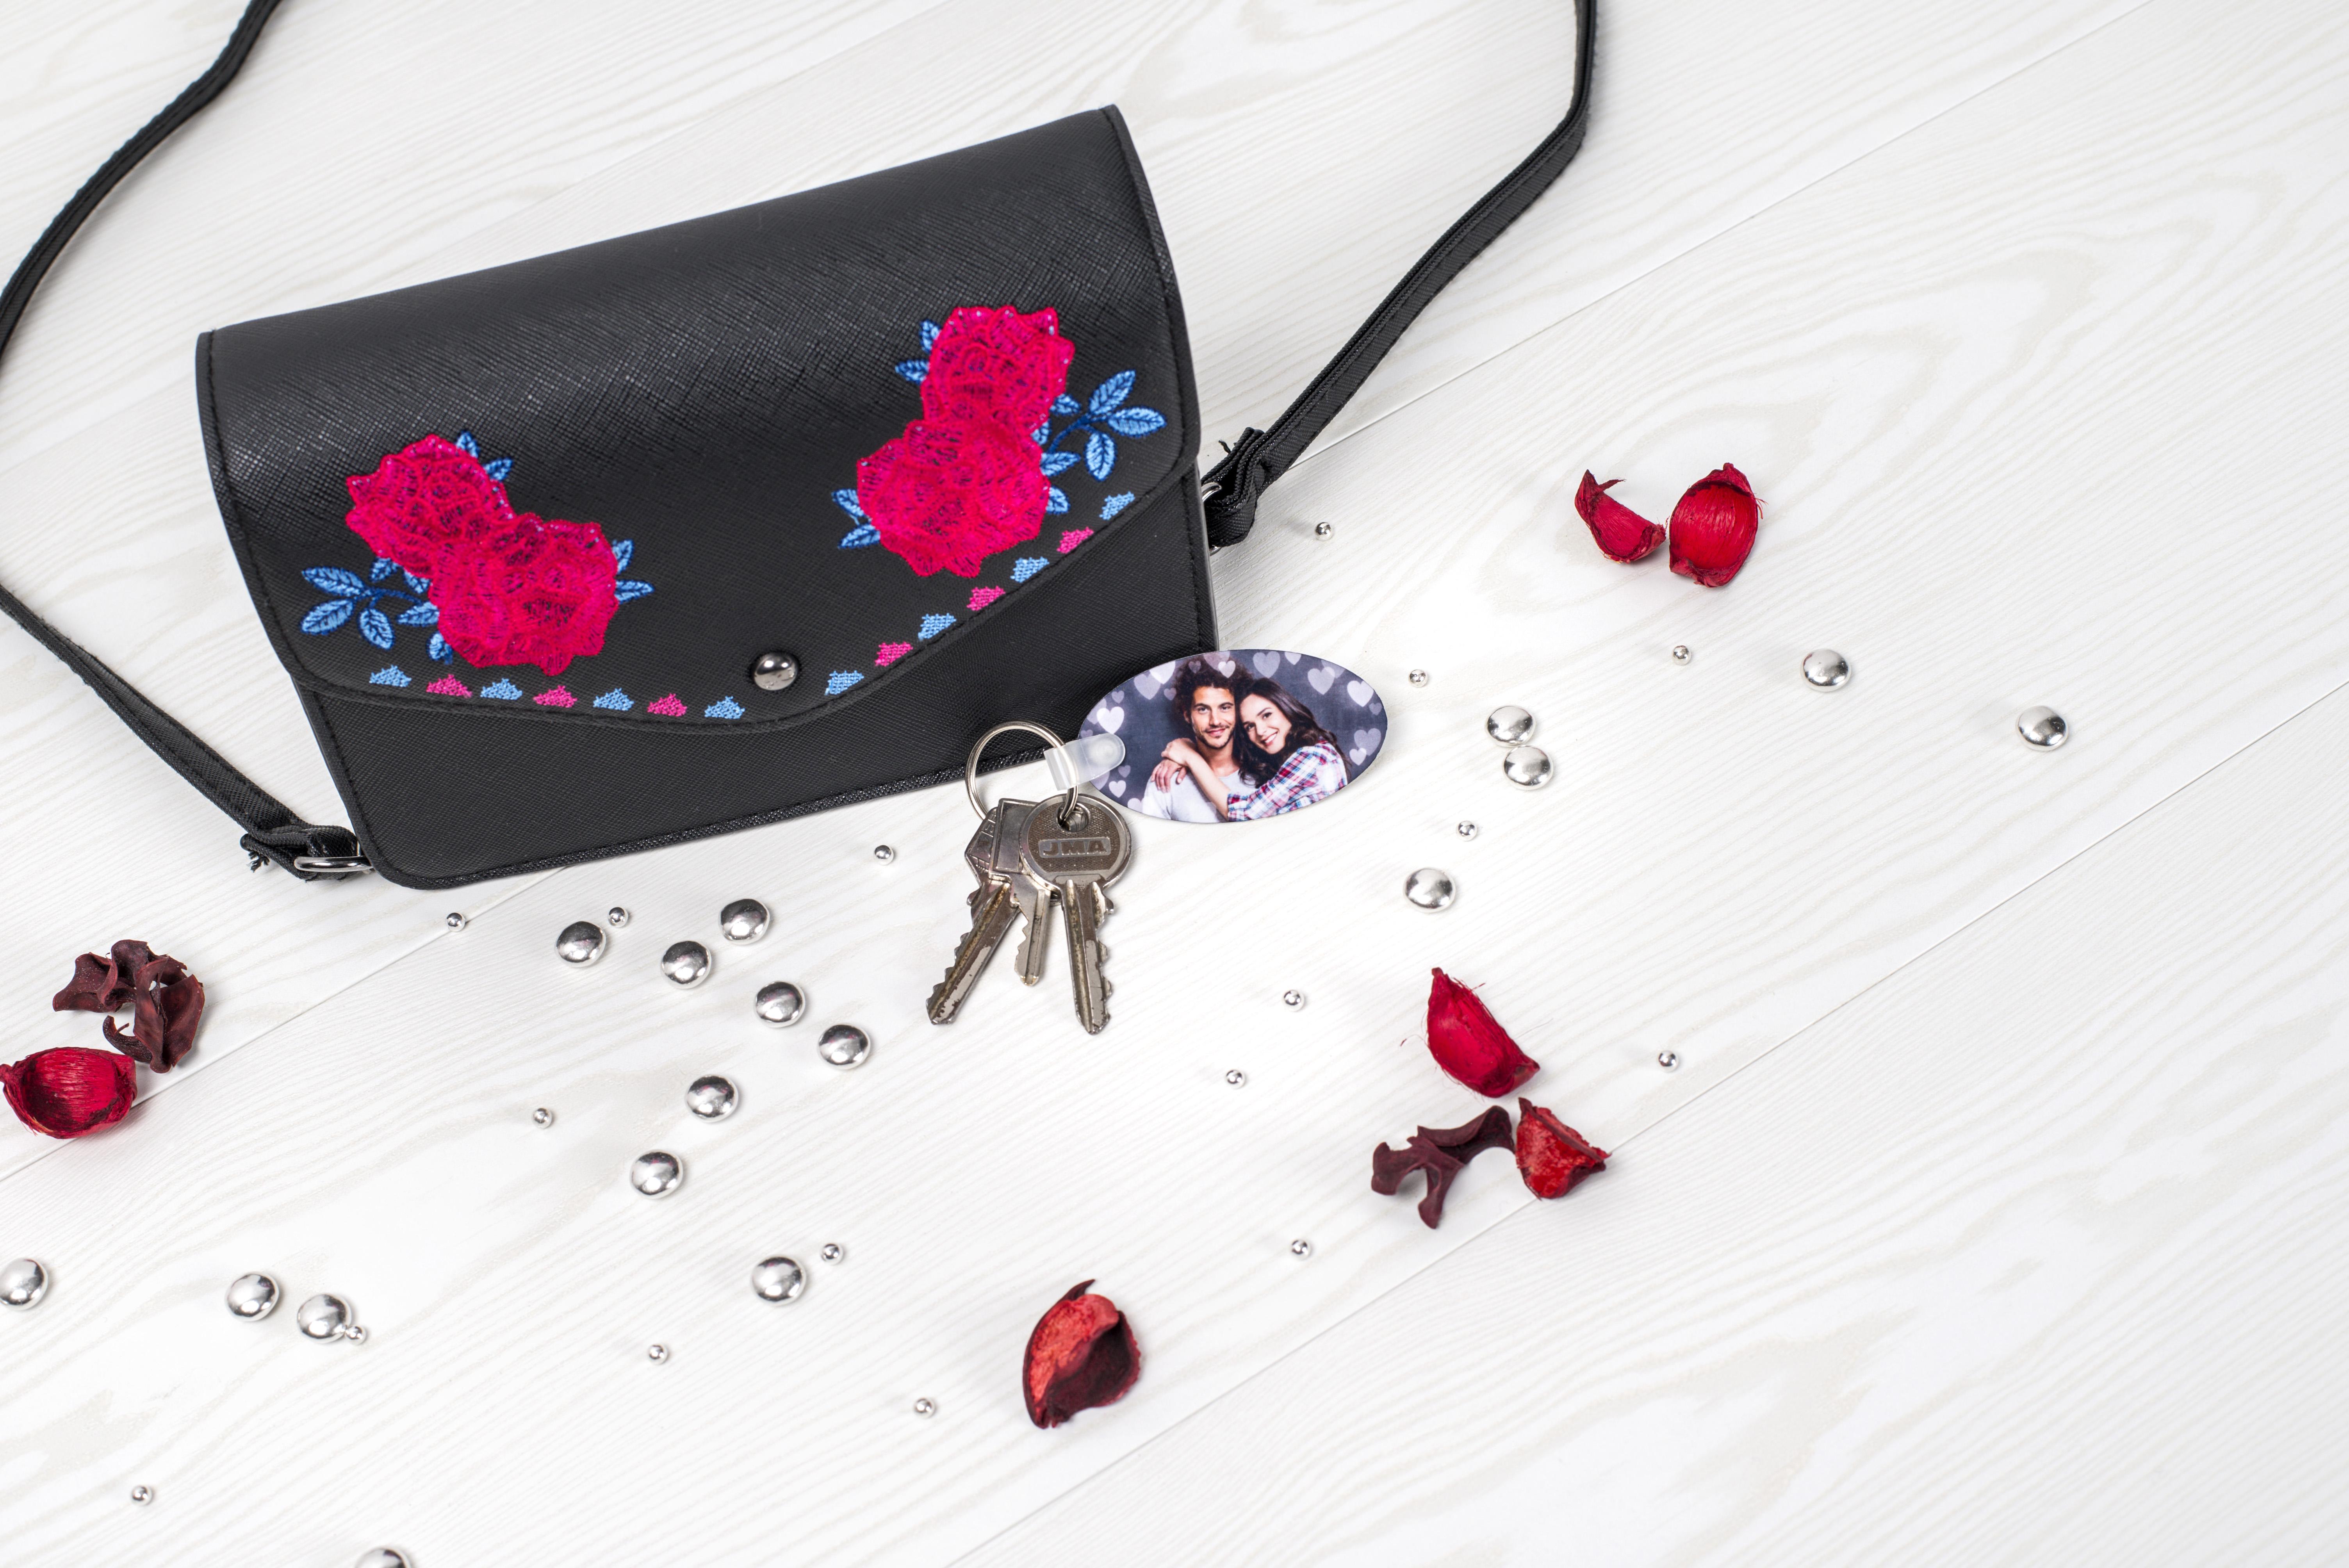 Porte clé photo personnalisé en alu   idée cadeau photo - smartphoto c21a0df95b7